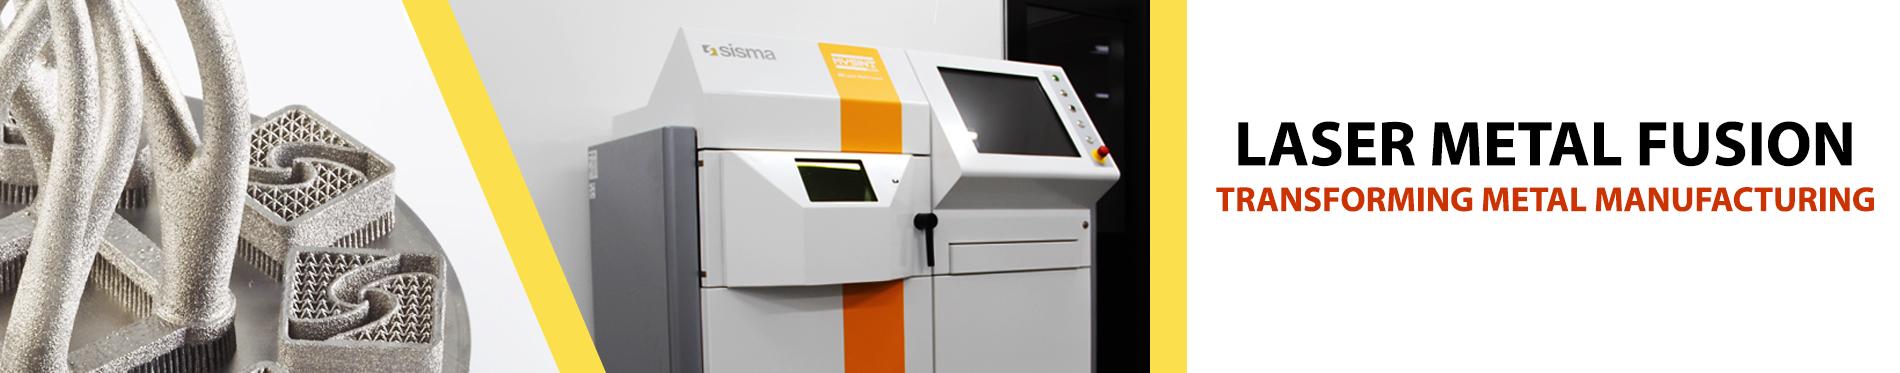 sisma laser metal fusion 3d printer